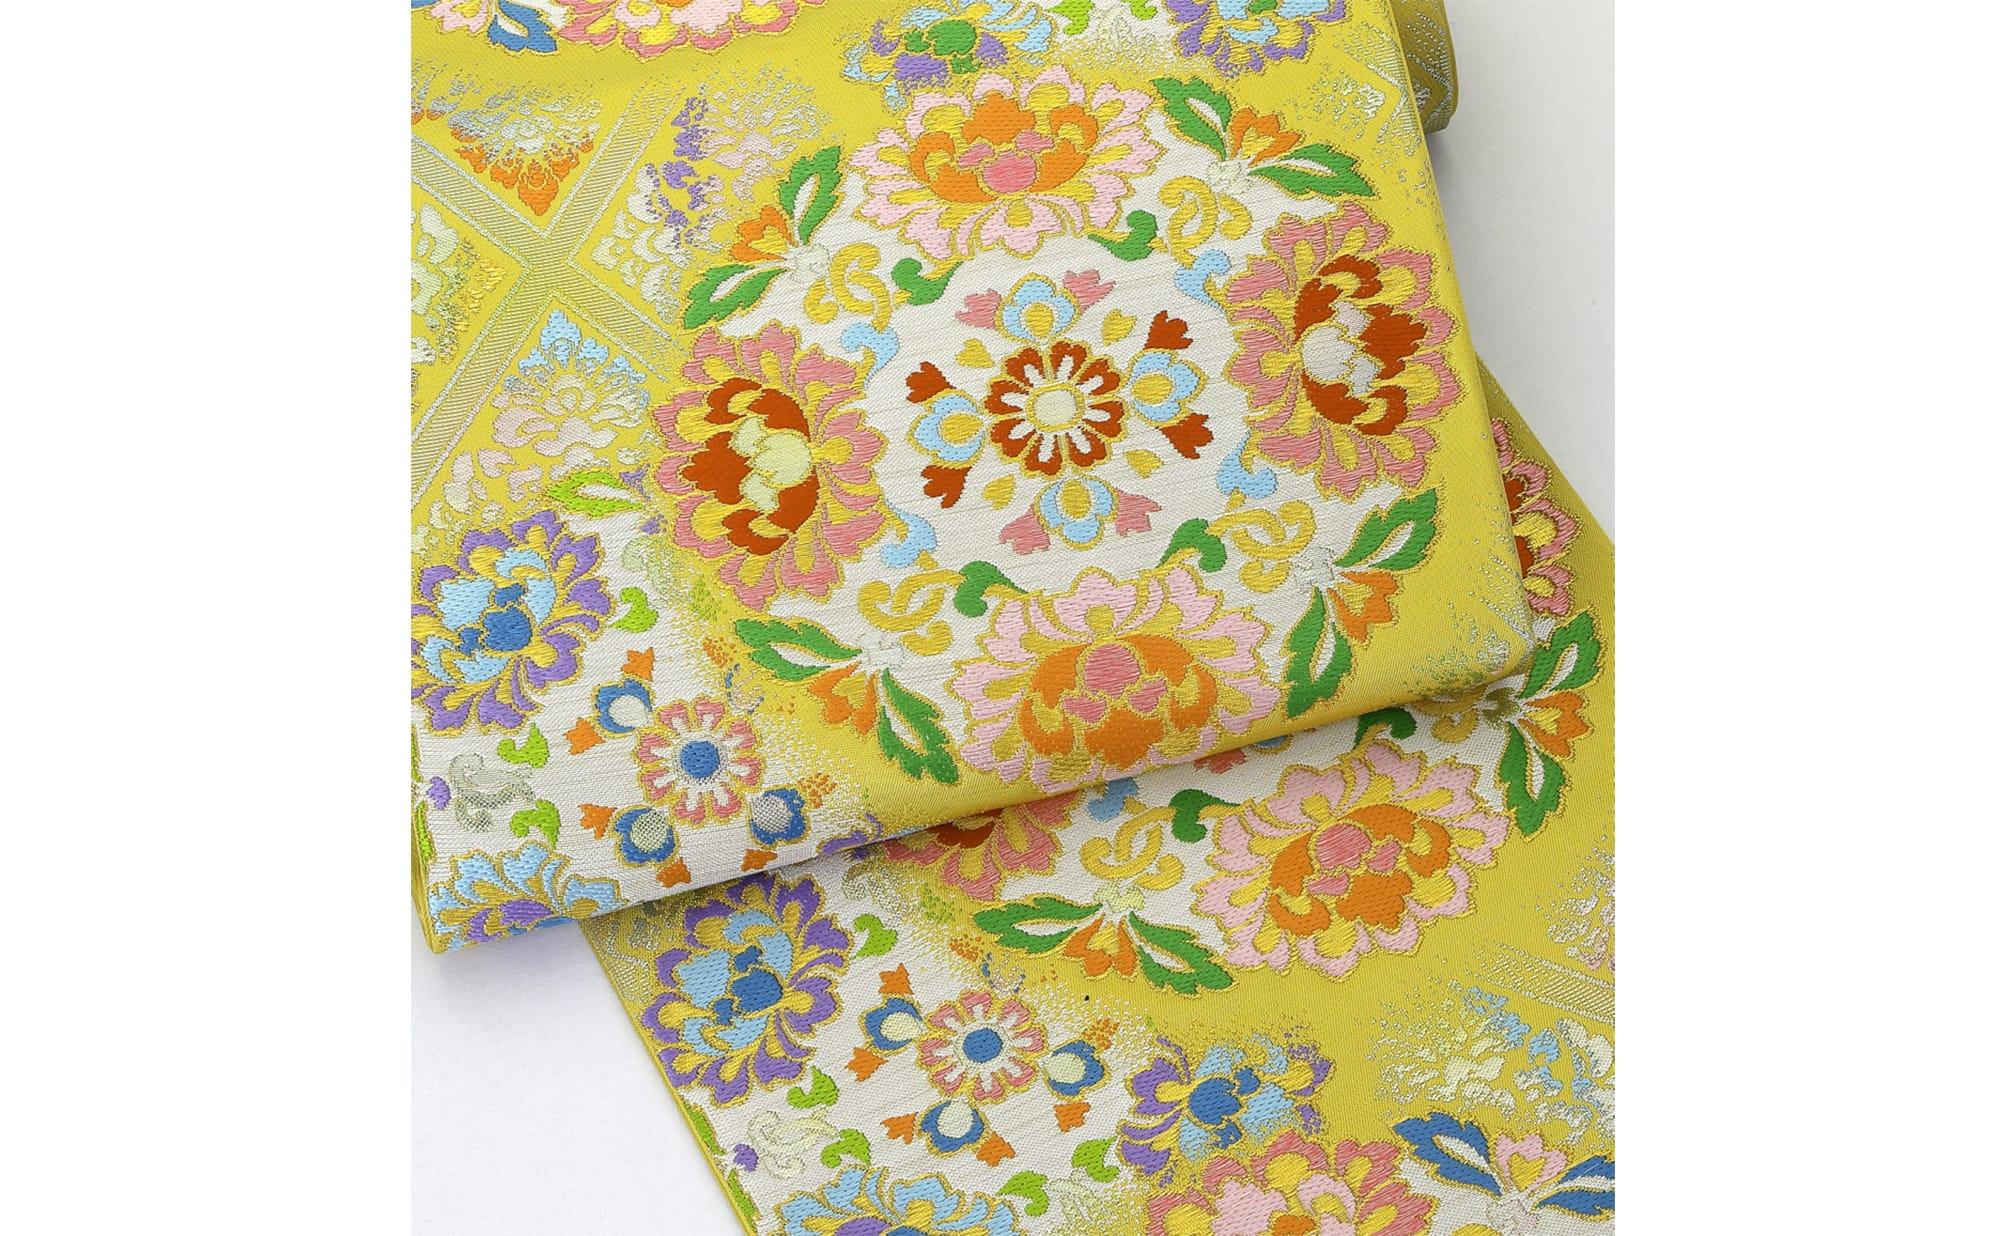 帯「装華遥映錦」(龍村美術織物) 寺院の柱を飾る装飾絵画を主題とした袋帯